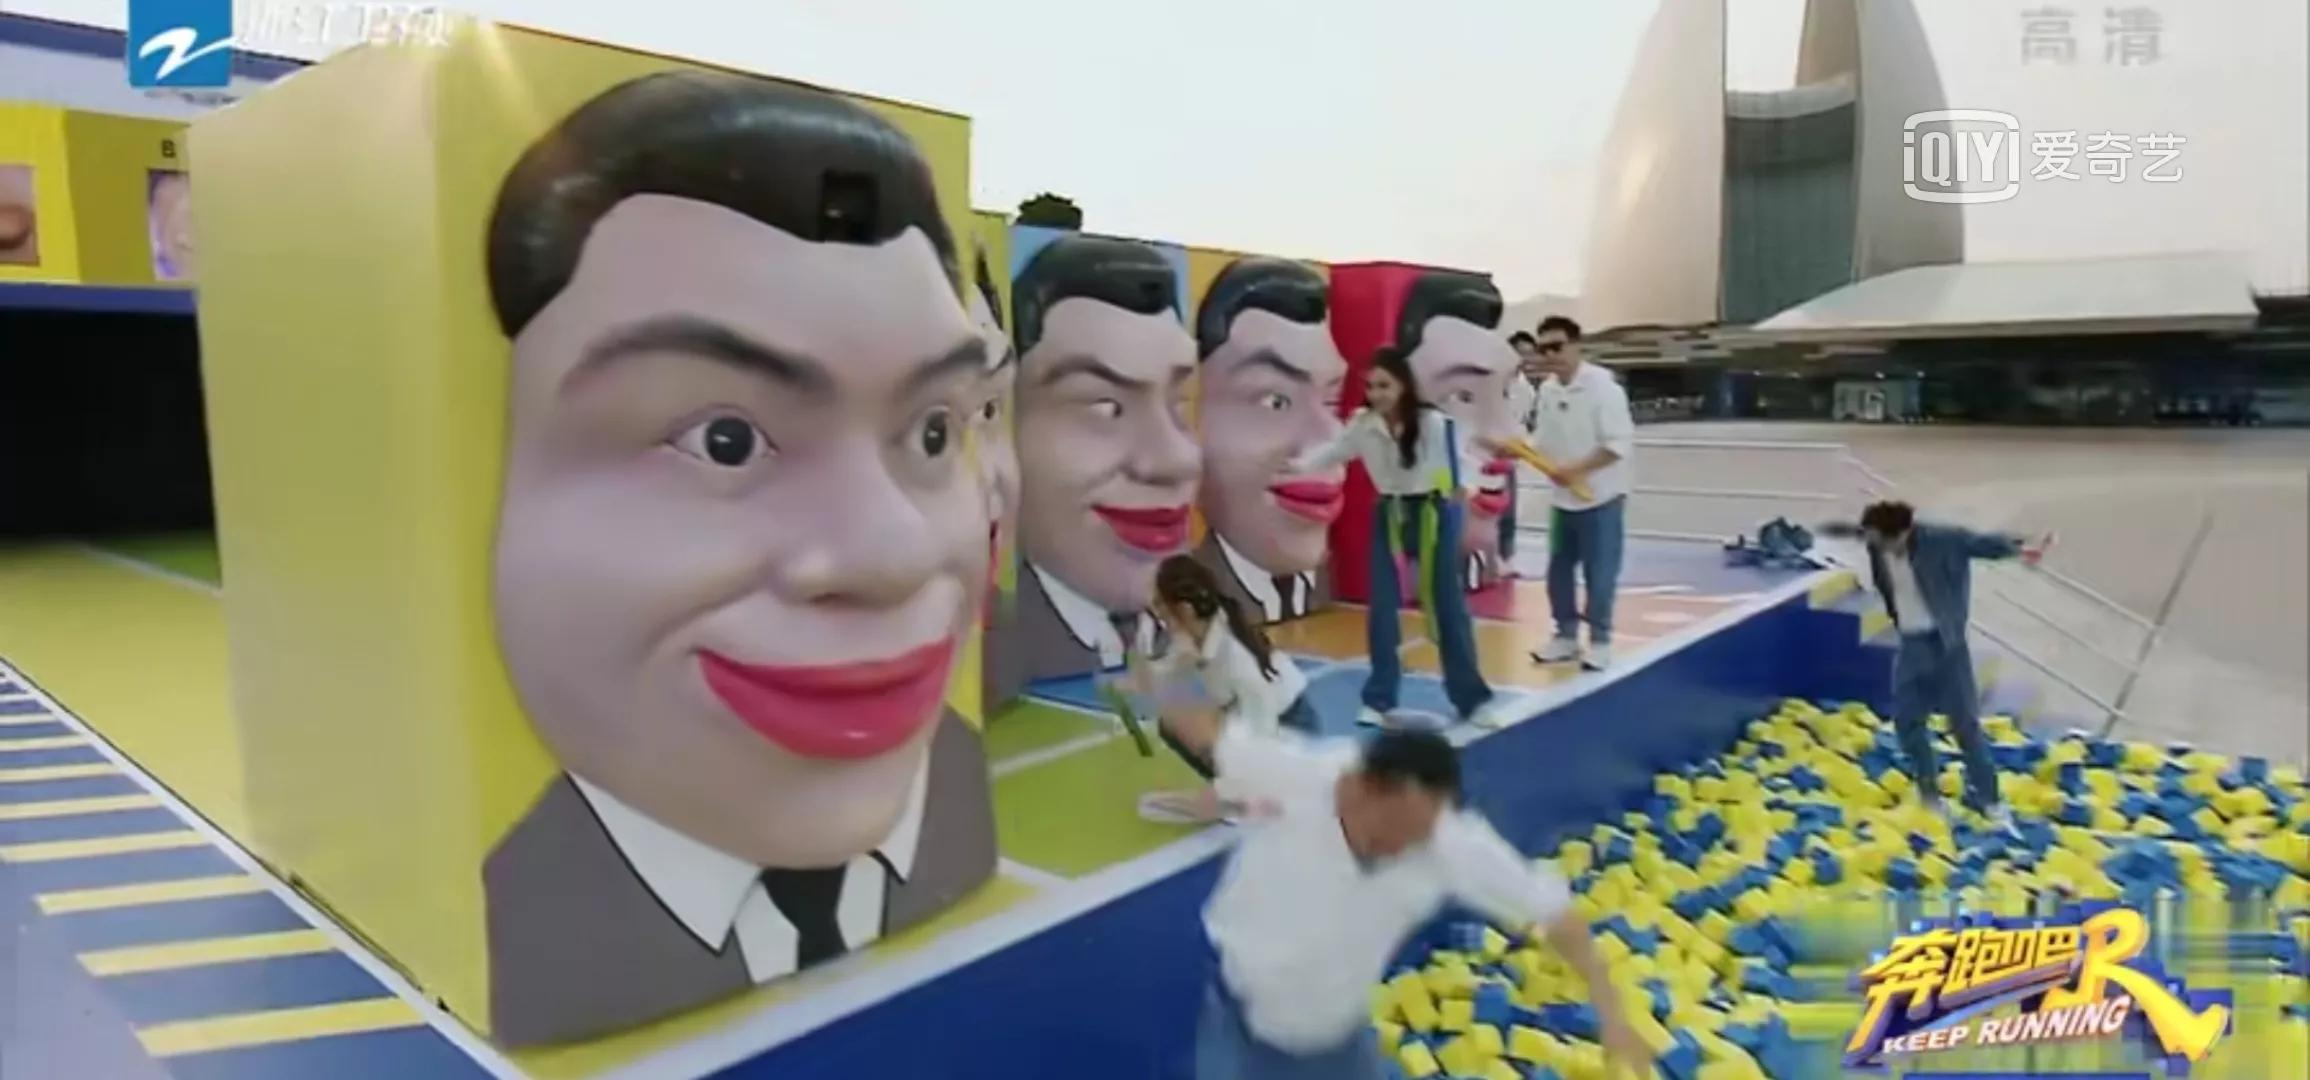 《奔跑吧》第五季开播!嘉宾们变身打工人体验职场生活 笑点满满